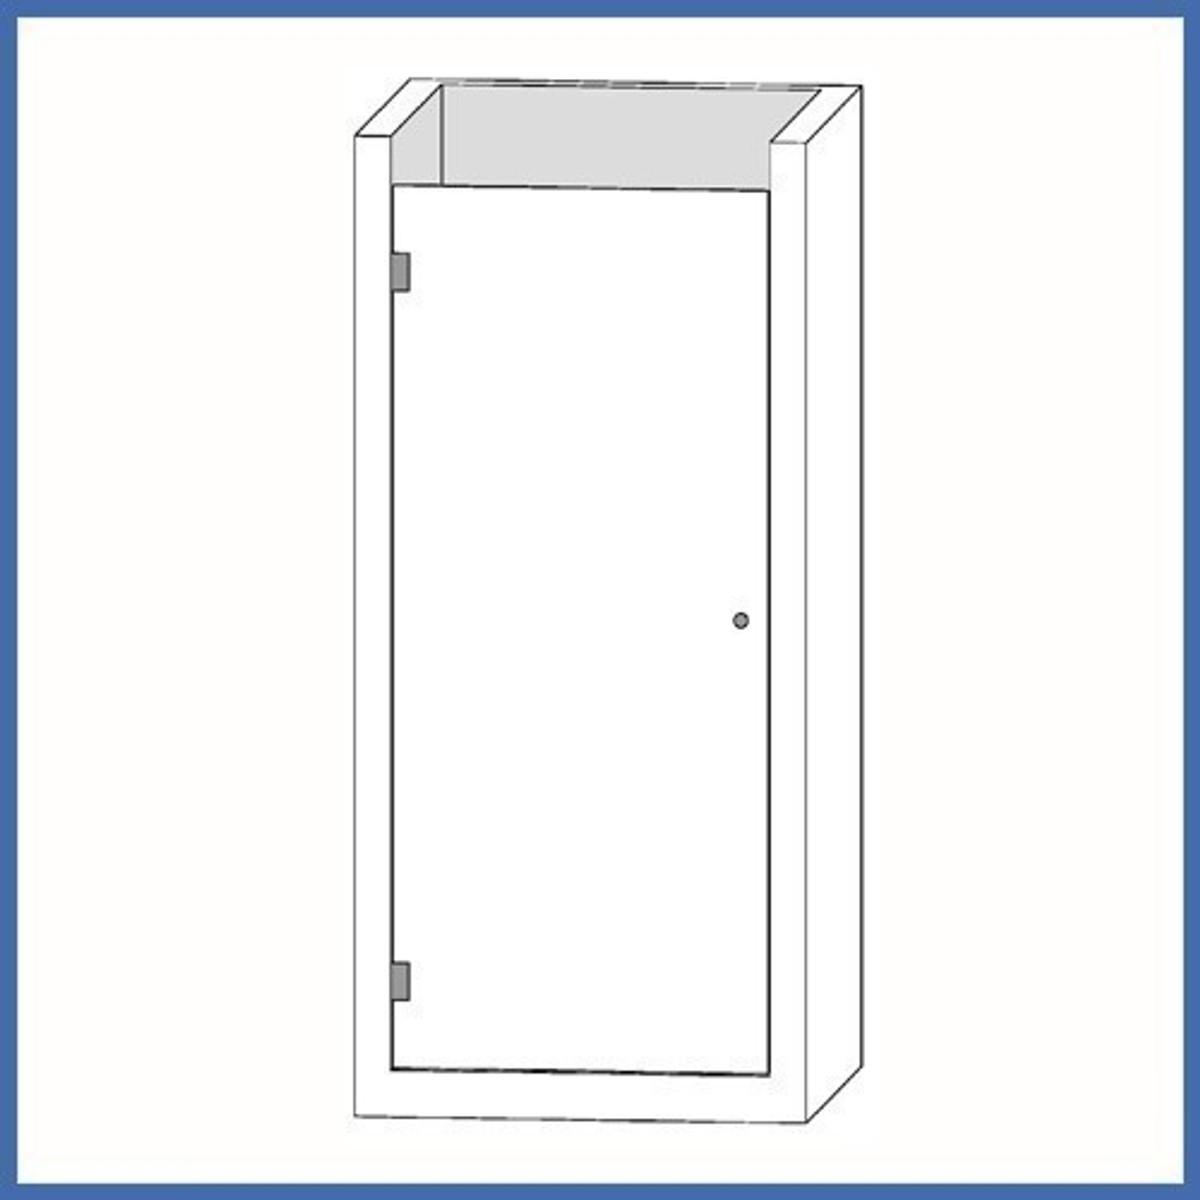 """Nischen-Dusche """"Door"""", 2000 x 885-890mm, Finesse Line, Chrom (Hochglanz)"""